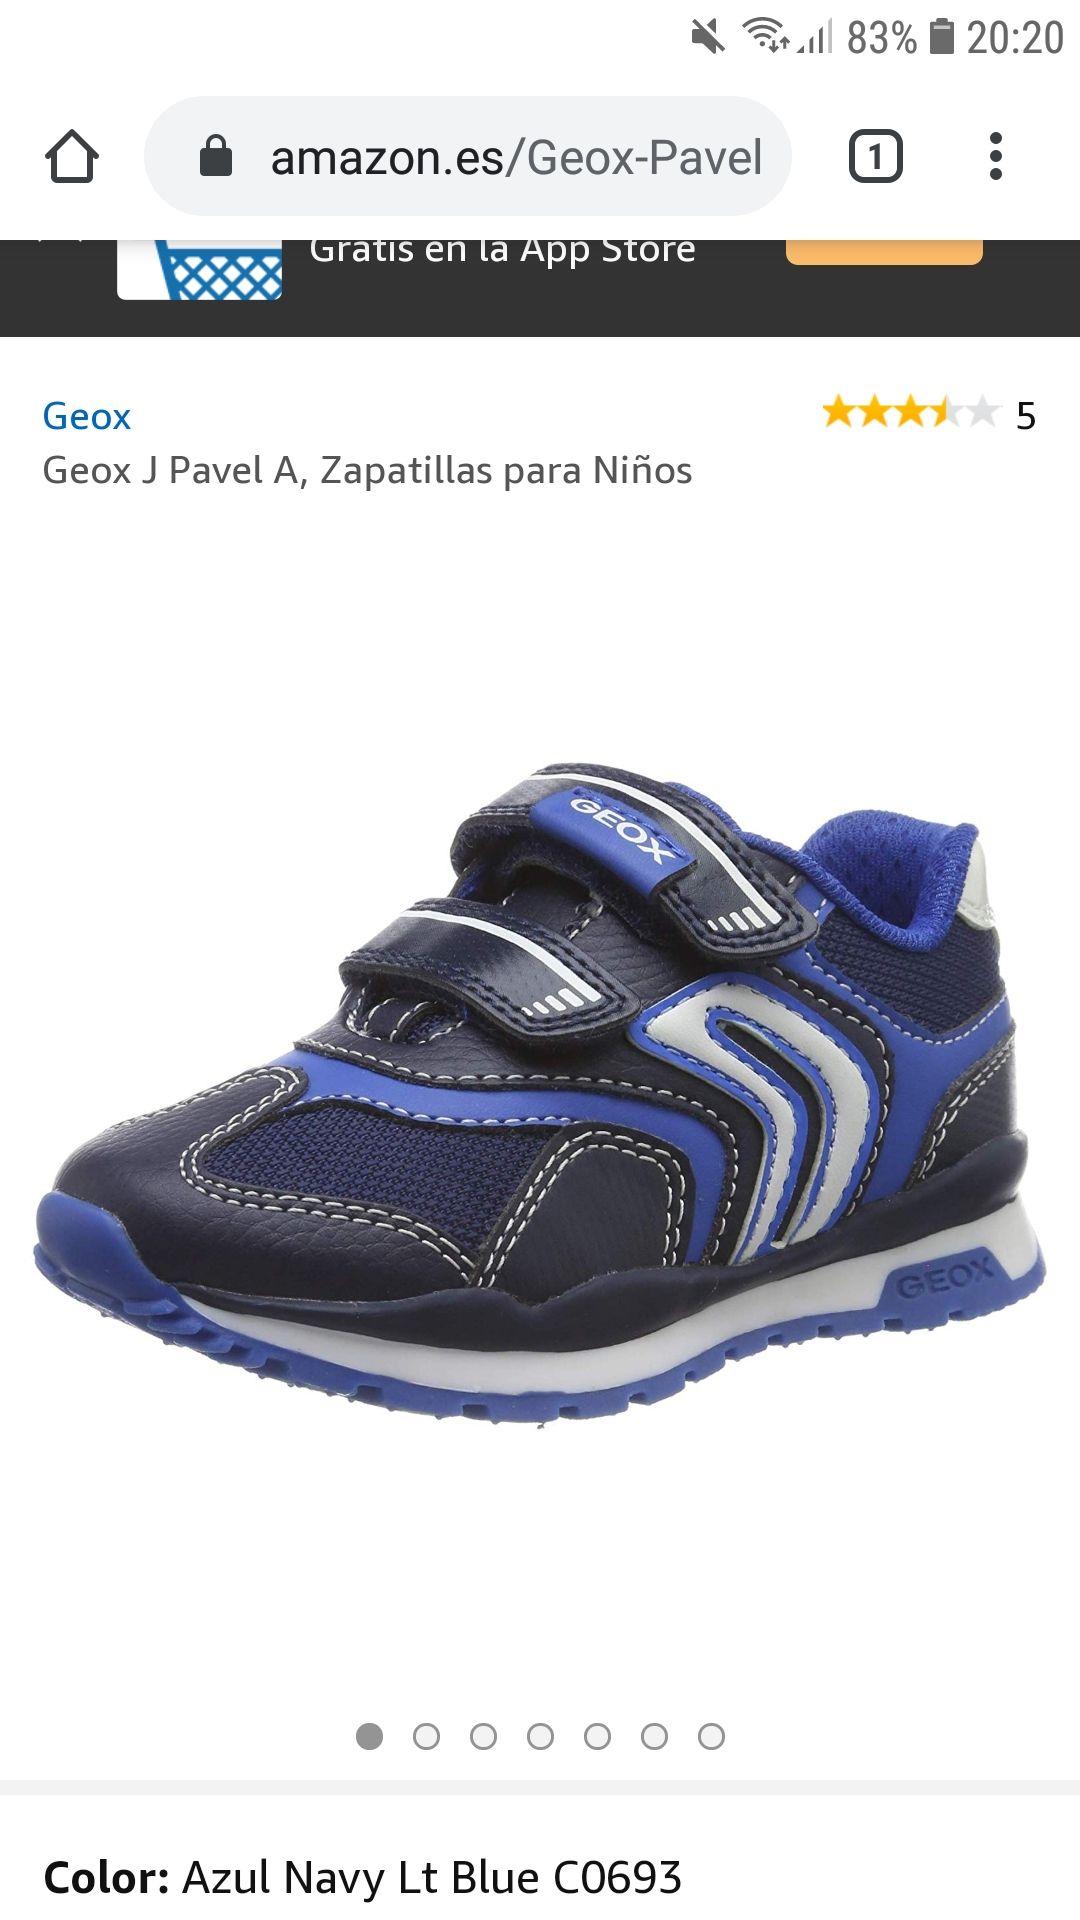 Zapatillas para niños de GEOX J. Pavel (desde la talla 24 a la 39)